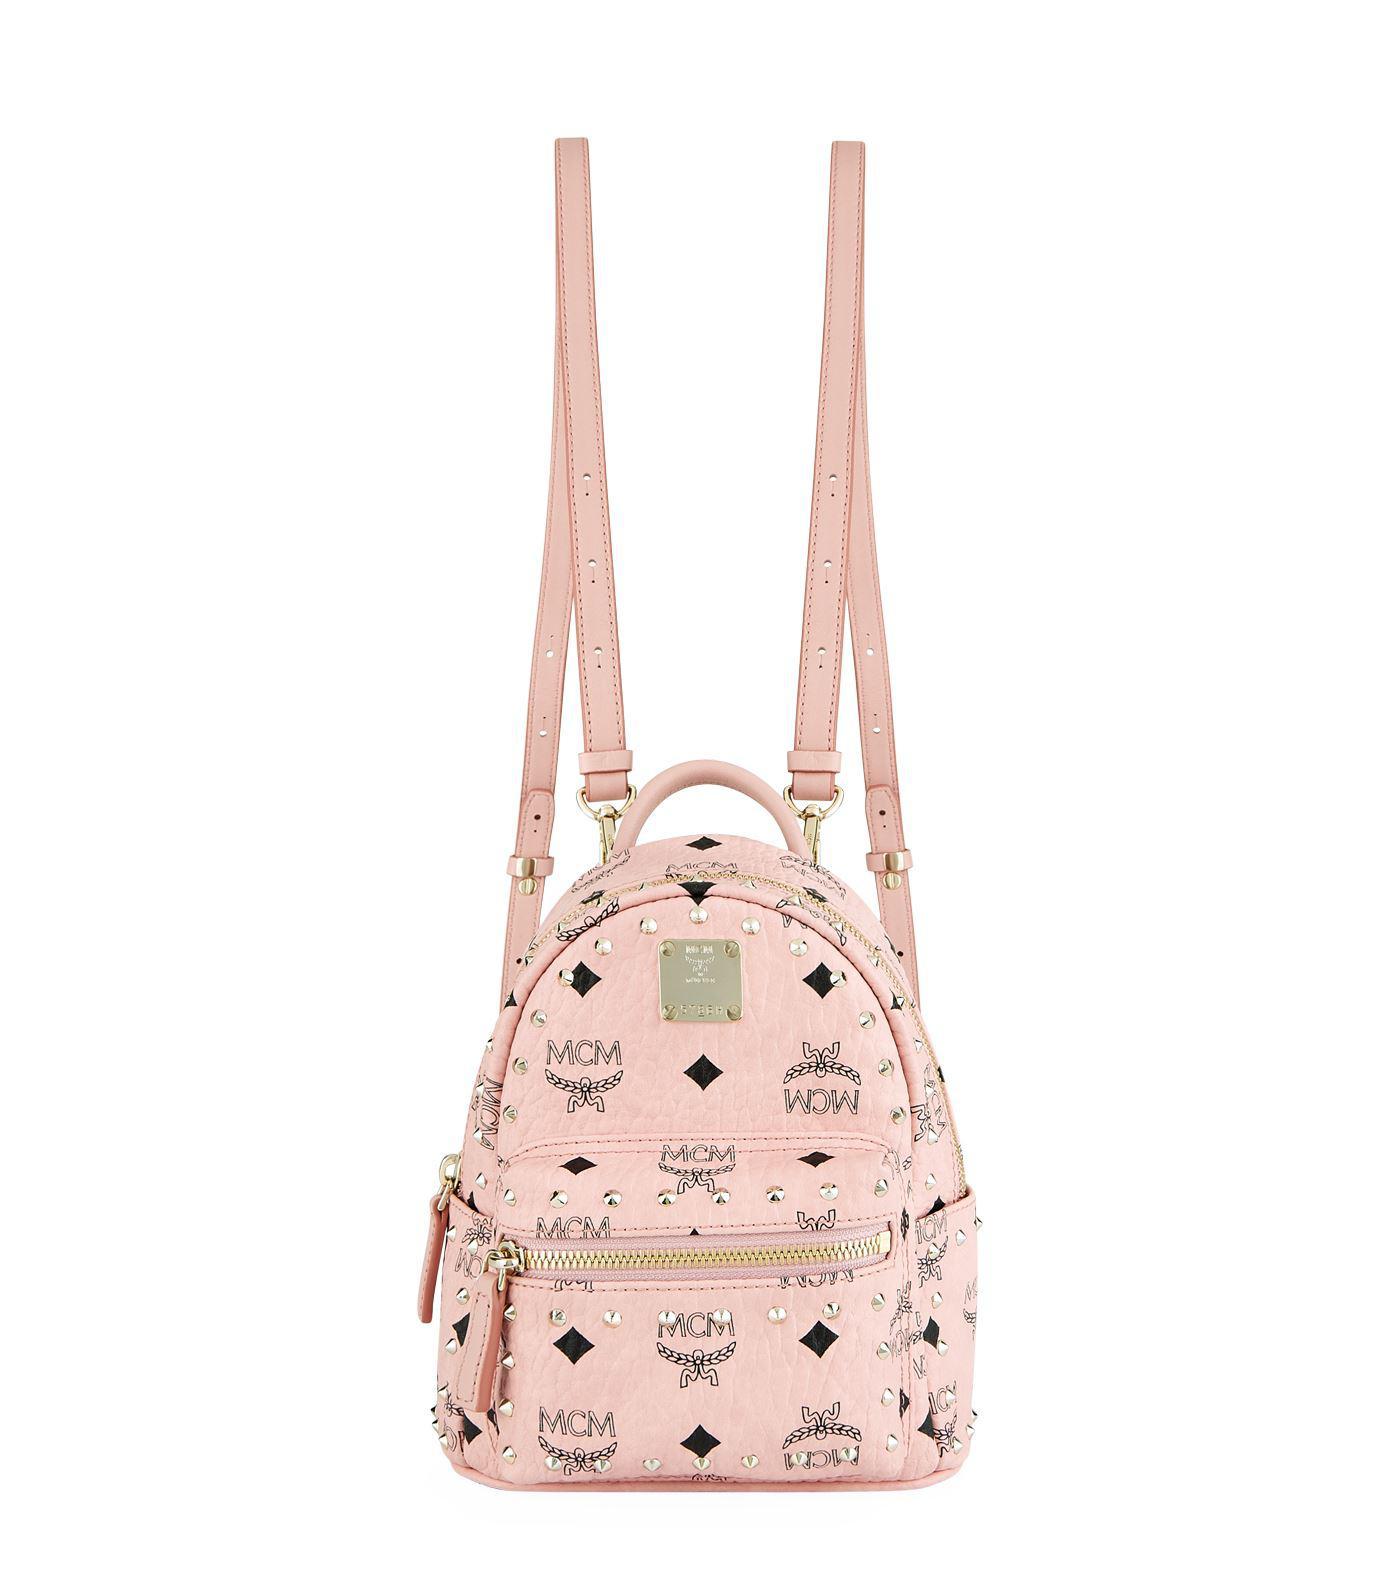 5a025a3f5f65 MCM - Pink X-mini Studded Stark Backpack - Lyst. View fullscreen